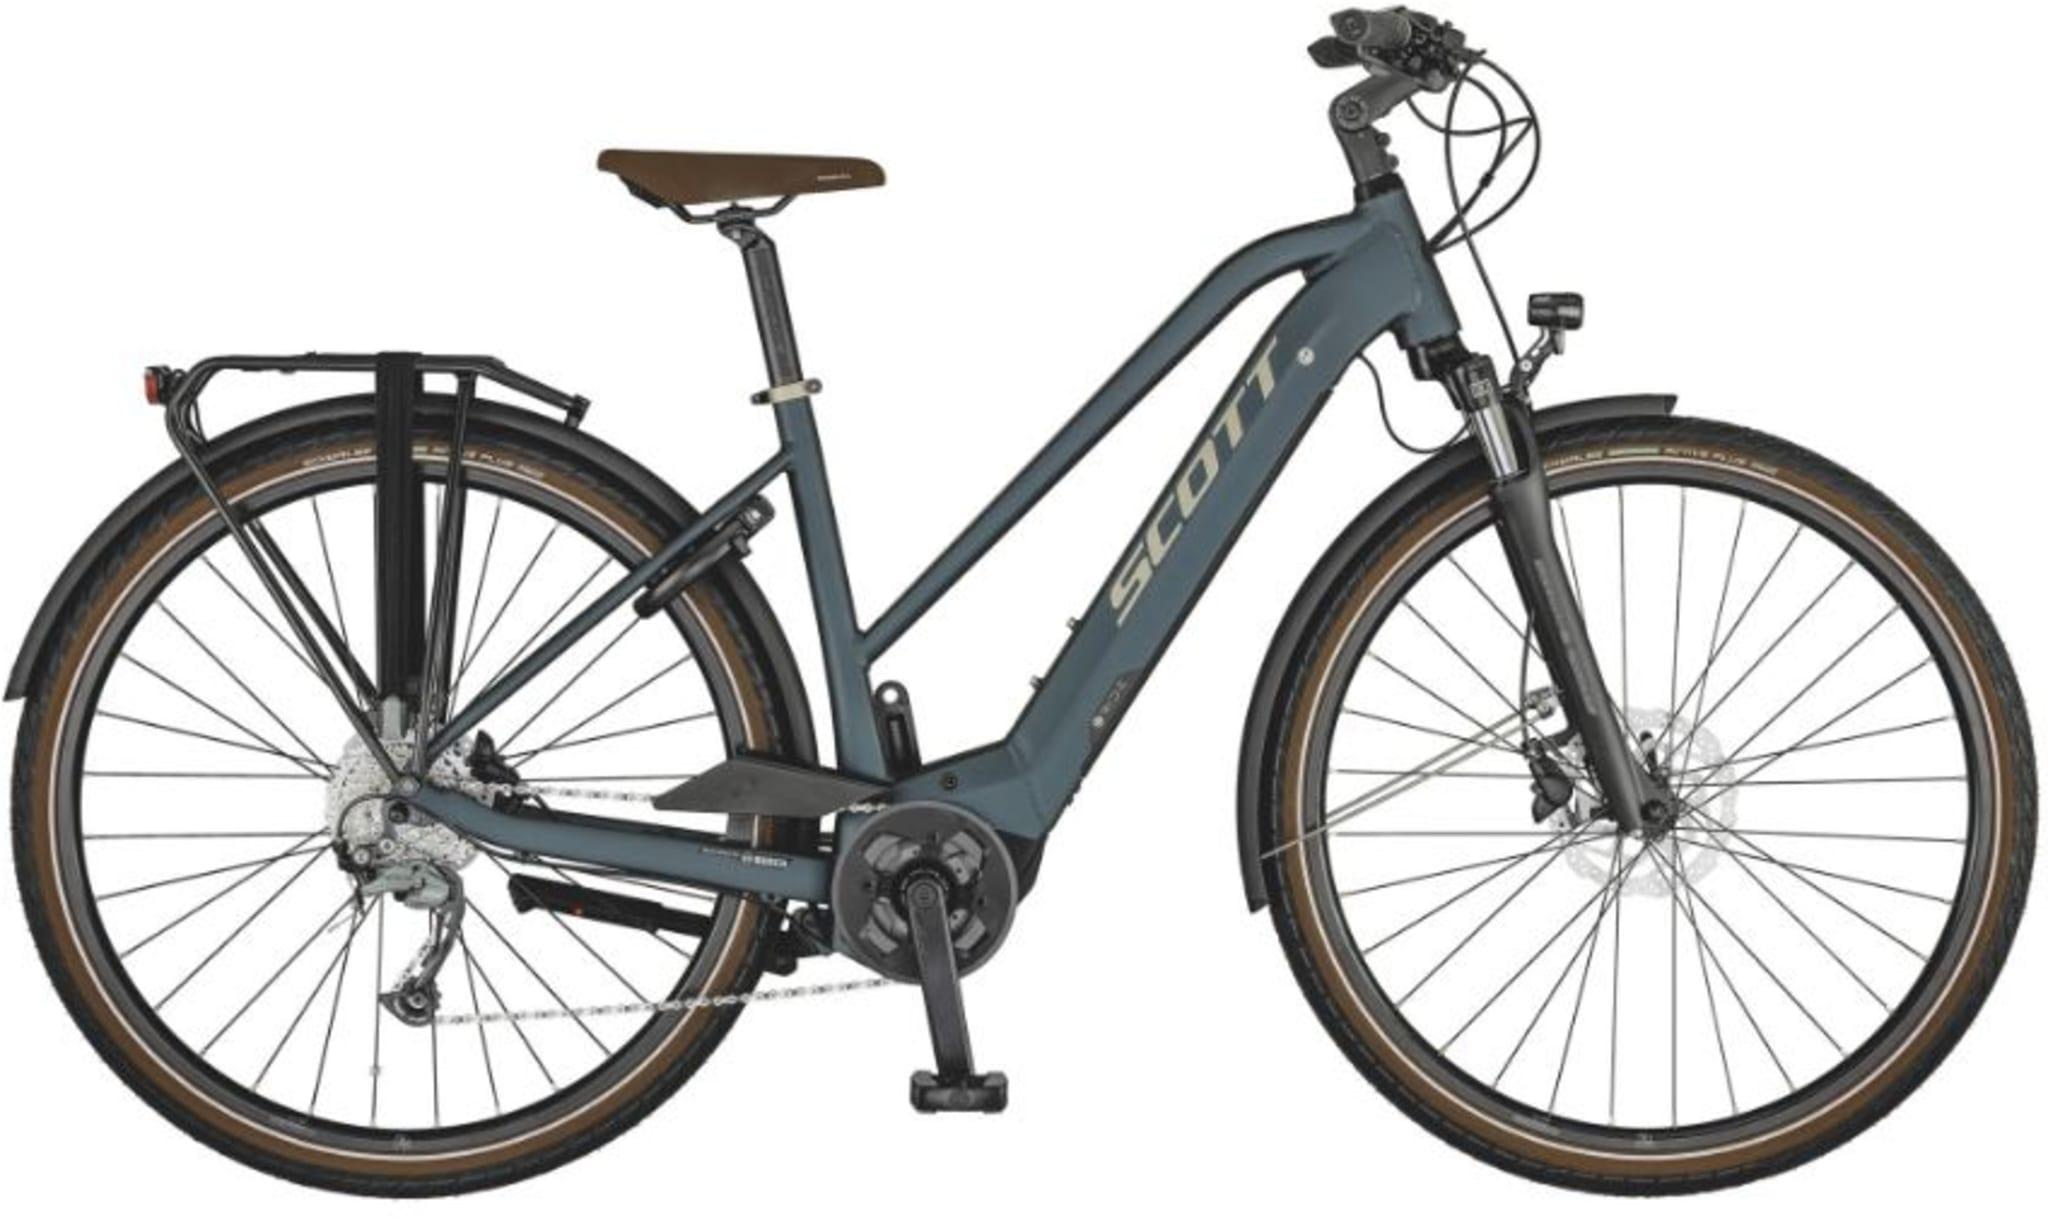 Sykkel med meget god komfort, brukervennlighet og er en storselger!